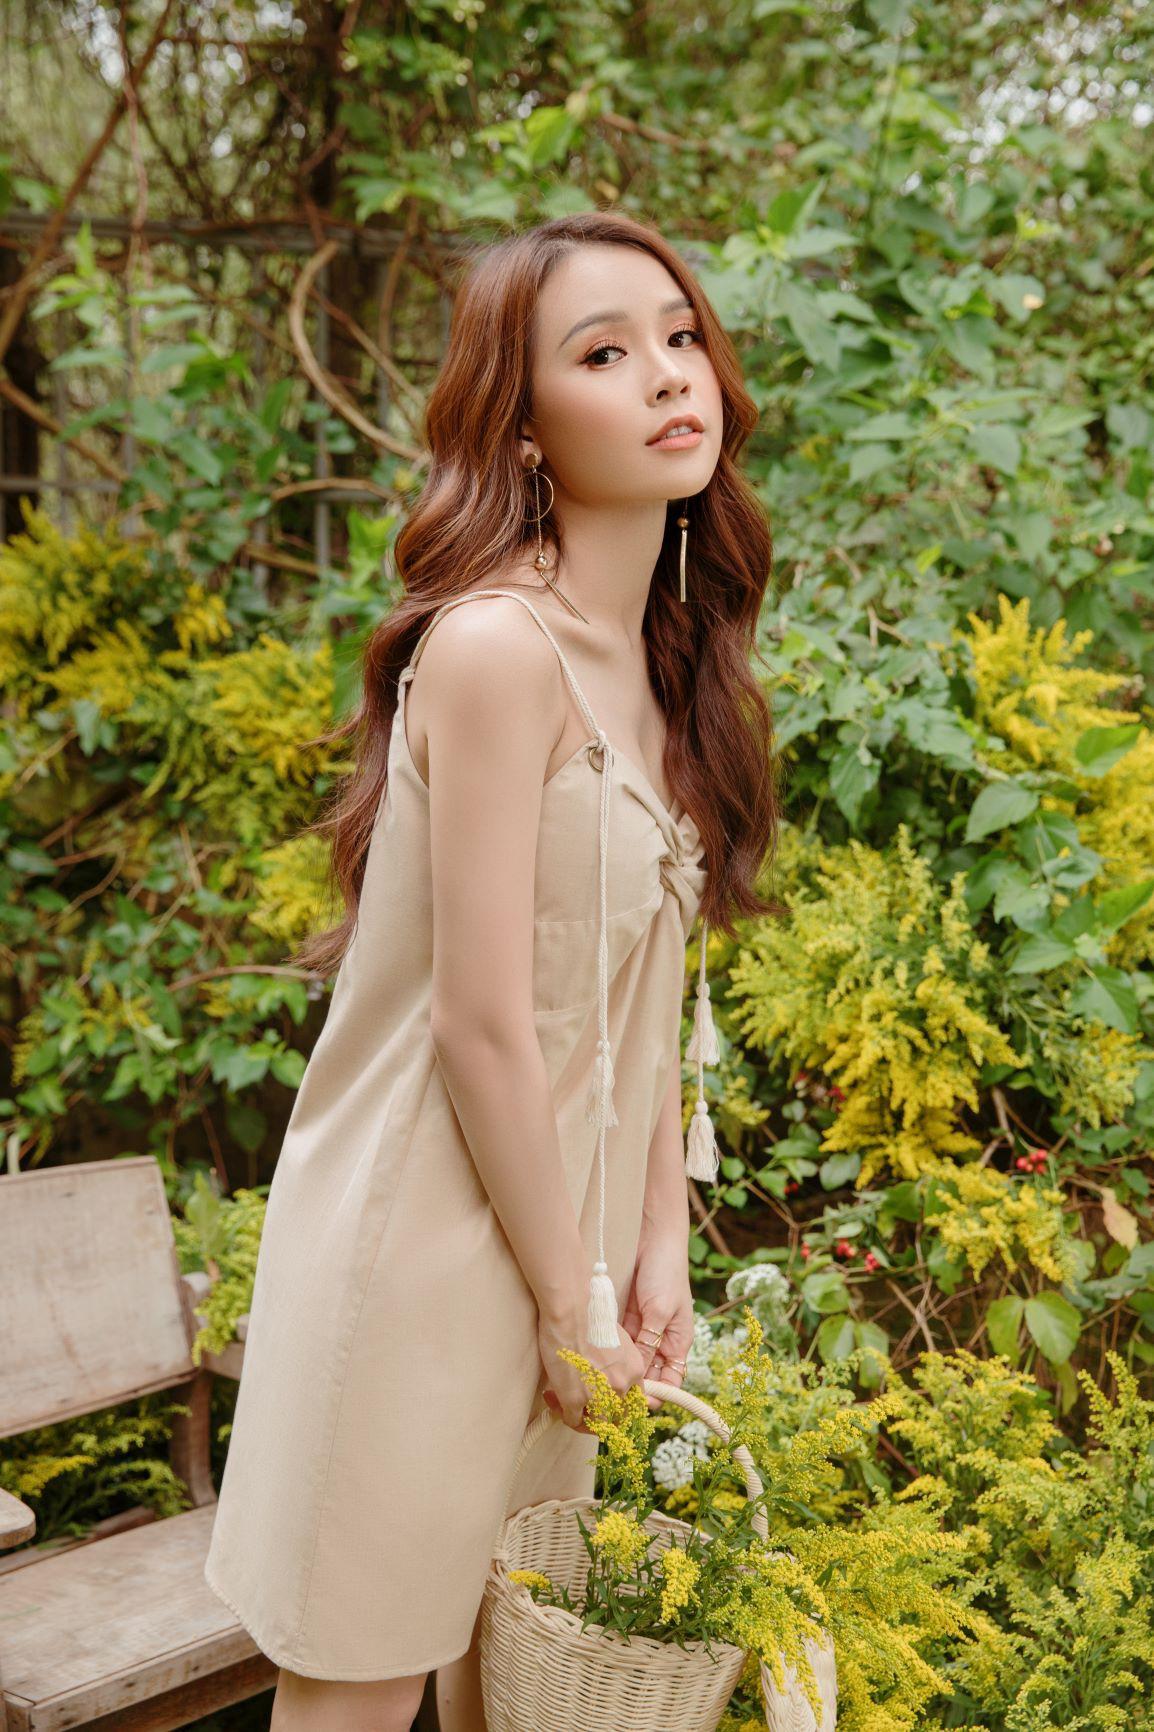 Cùng Sam đón mùa thu dịu dàng bằng những mẫu váy đẹp đến nao lòng - Ảnh 5.